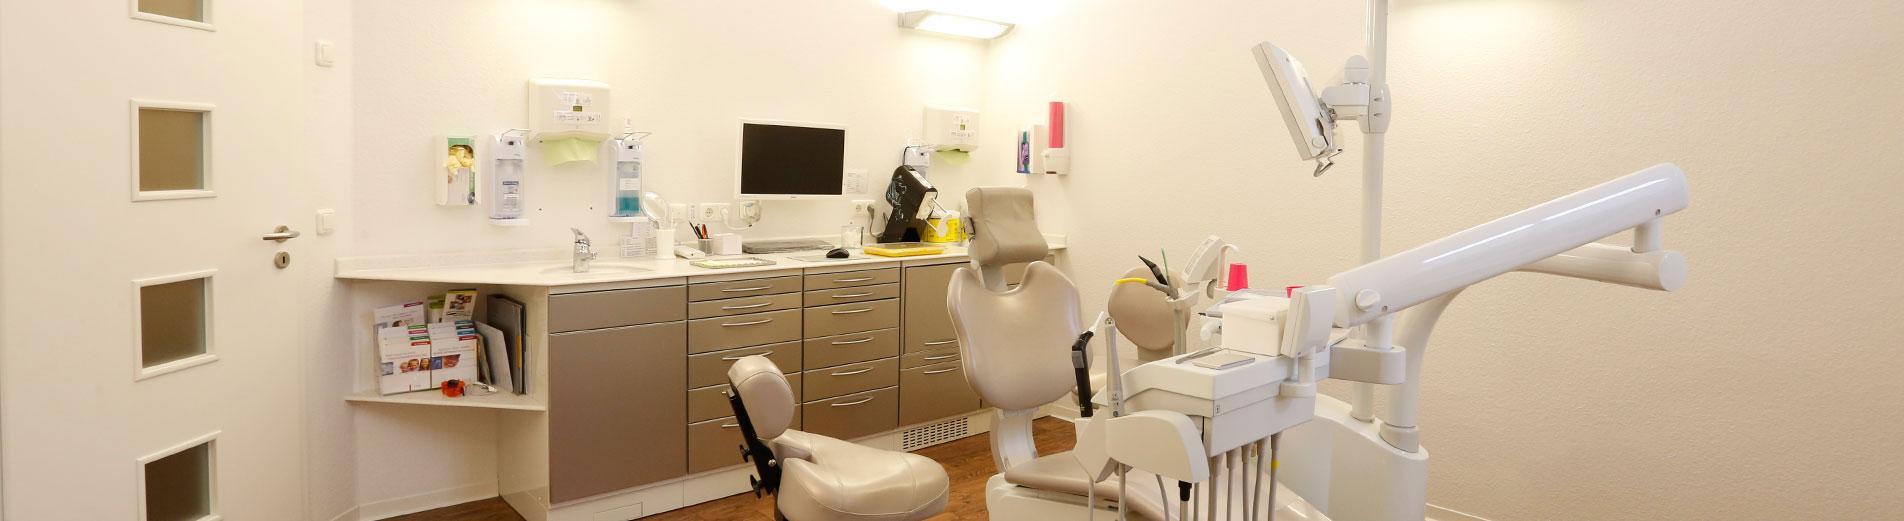 Zahnarztpraxis Molbergen, Melanie Malinowski